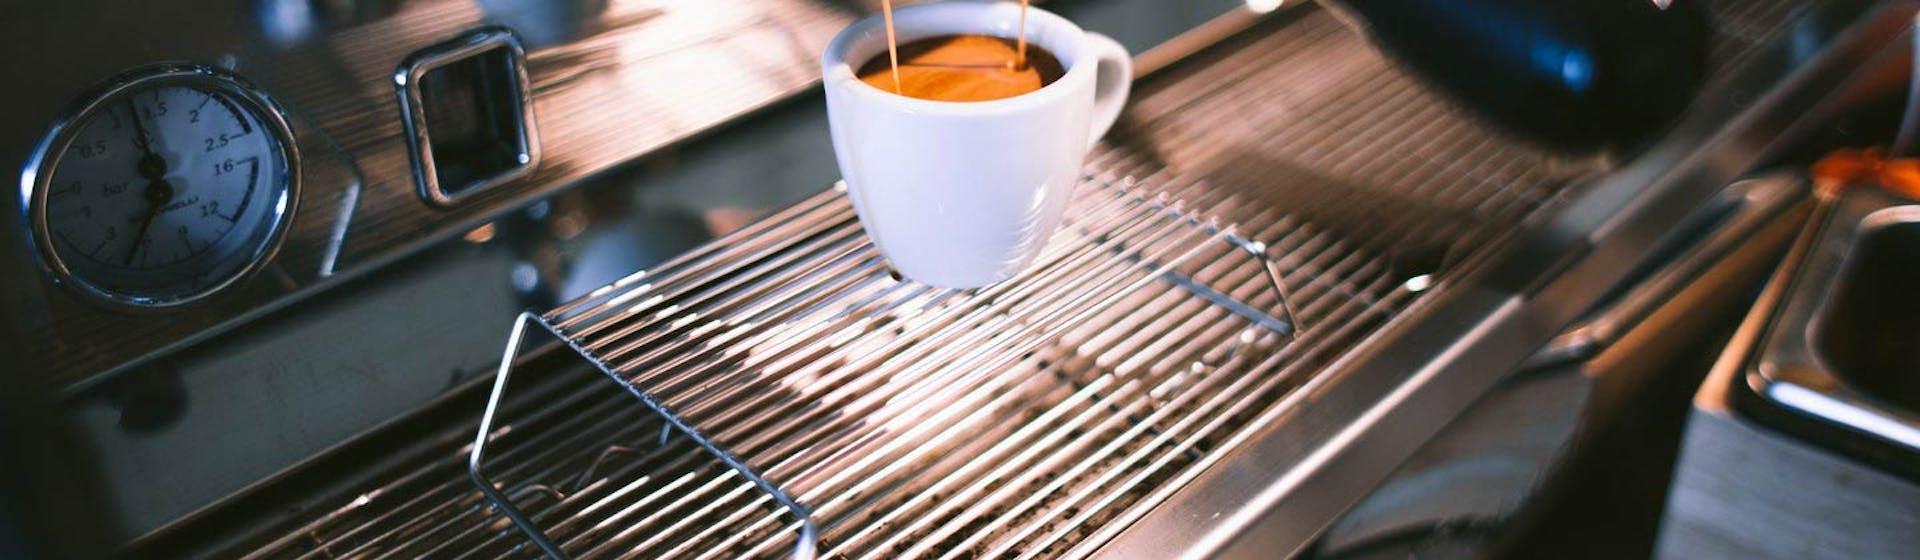 +100 ideas de slogan para una cafetería que atraerán a nuevos clientes como espuma